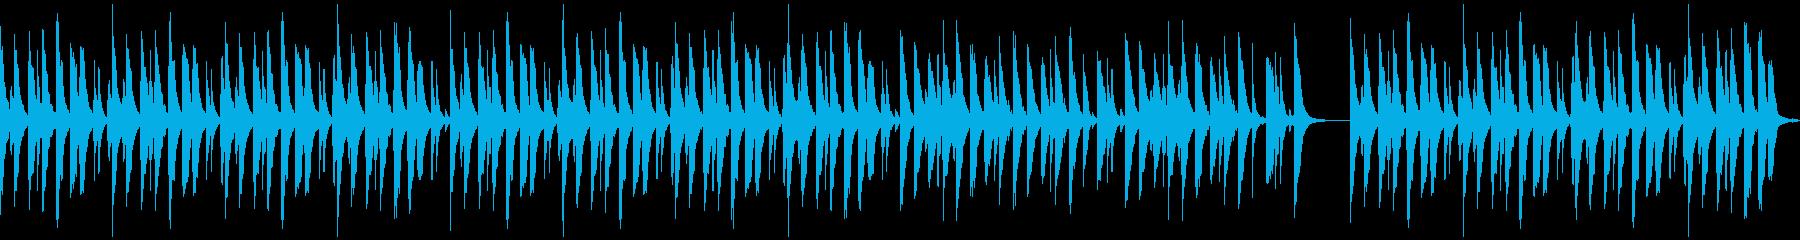 劇伴・コミカルなBGM:4の再生済みの波形